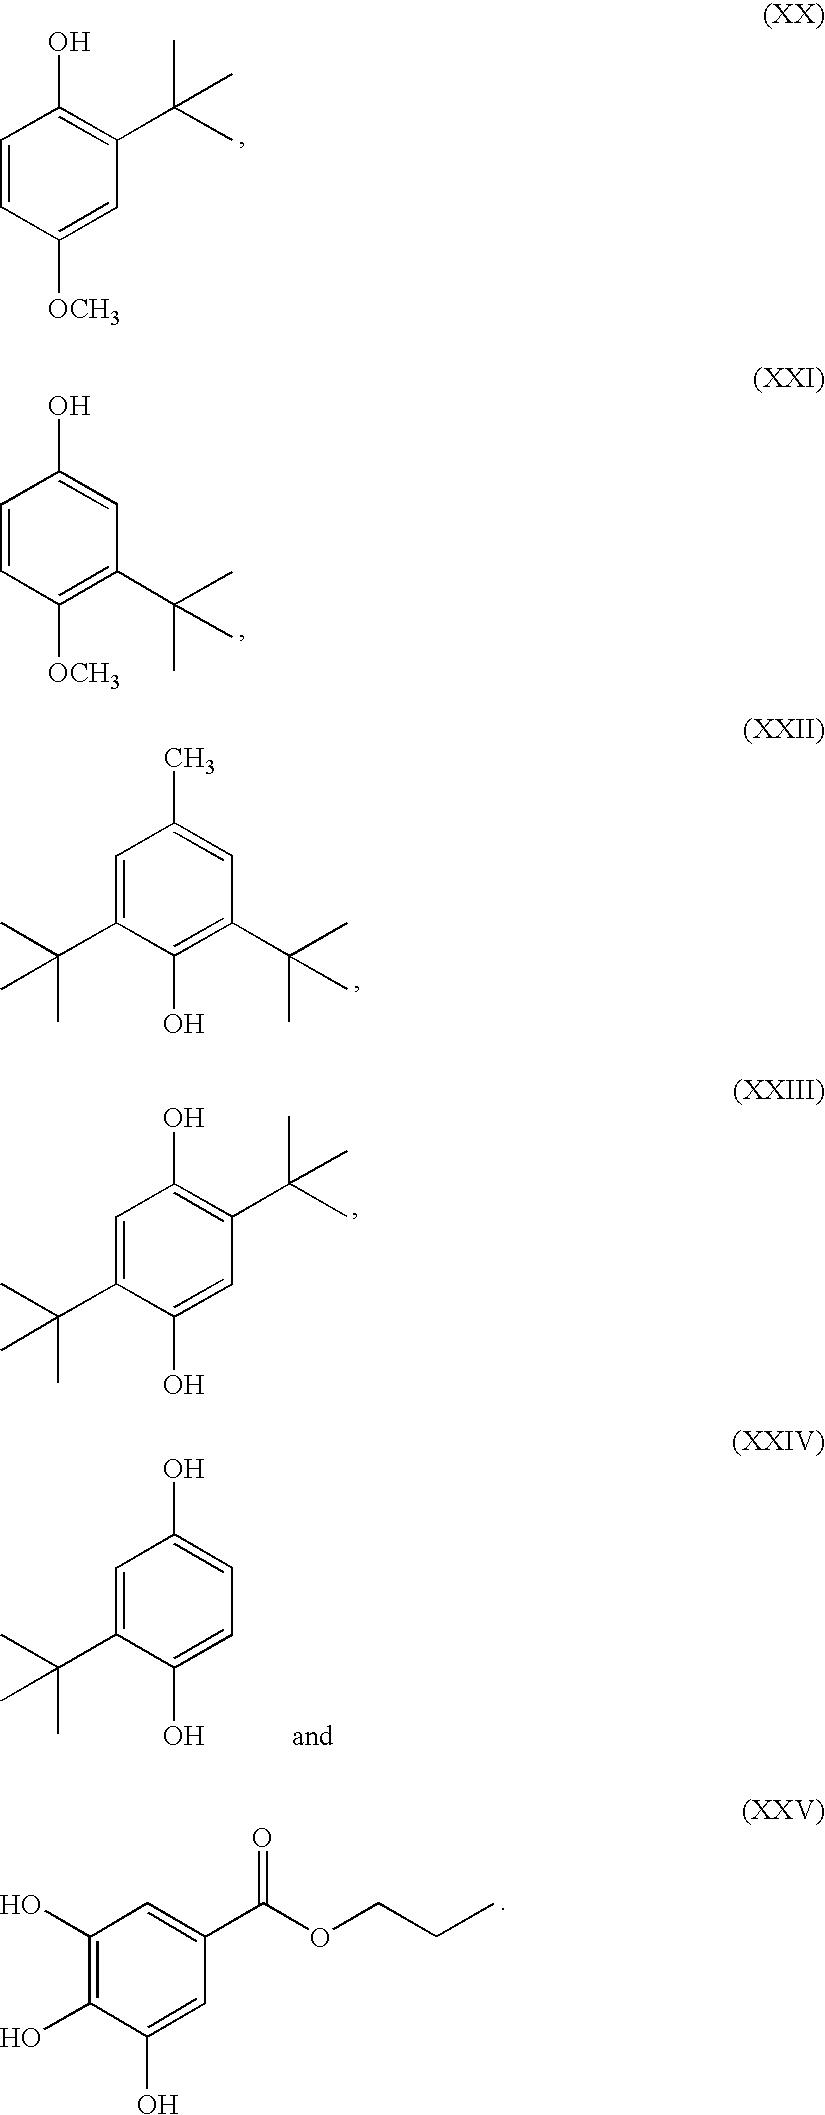 Figure US07754267-20100713-C00012